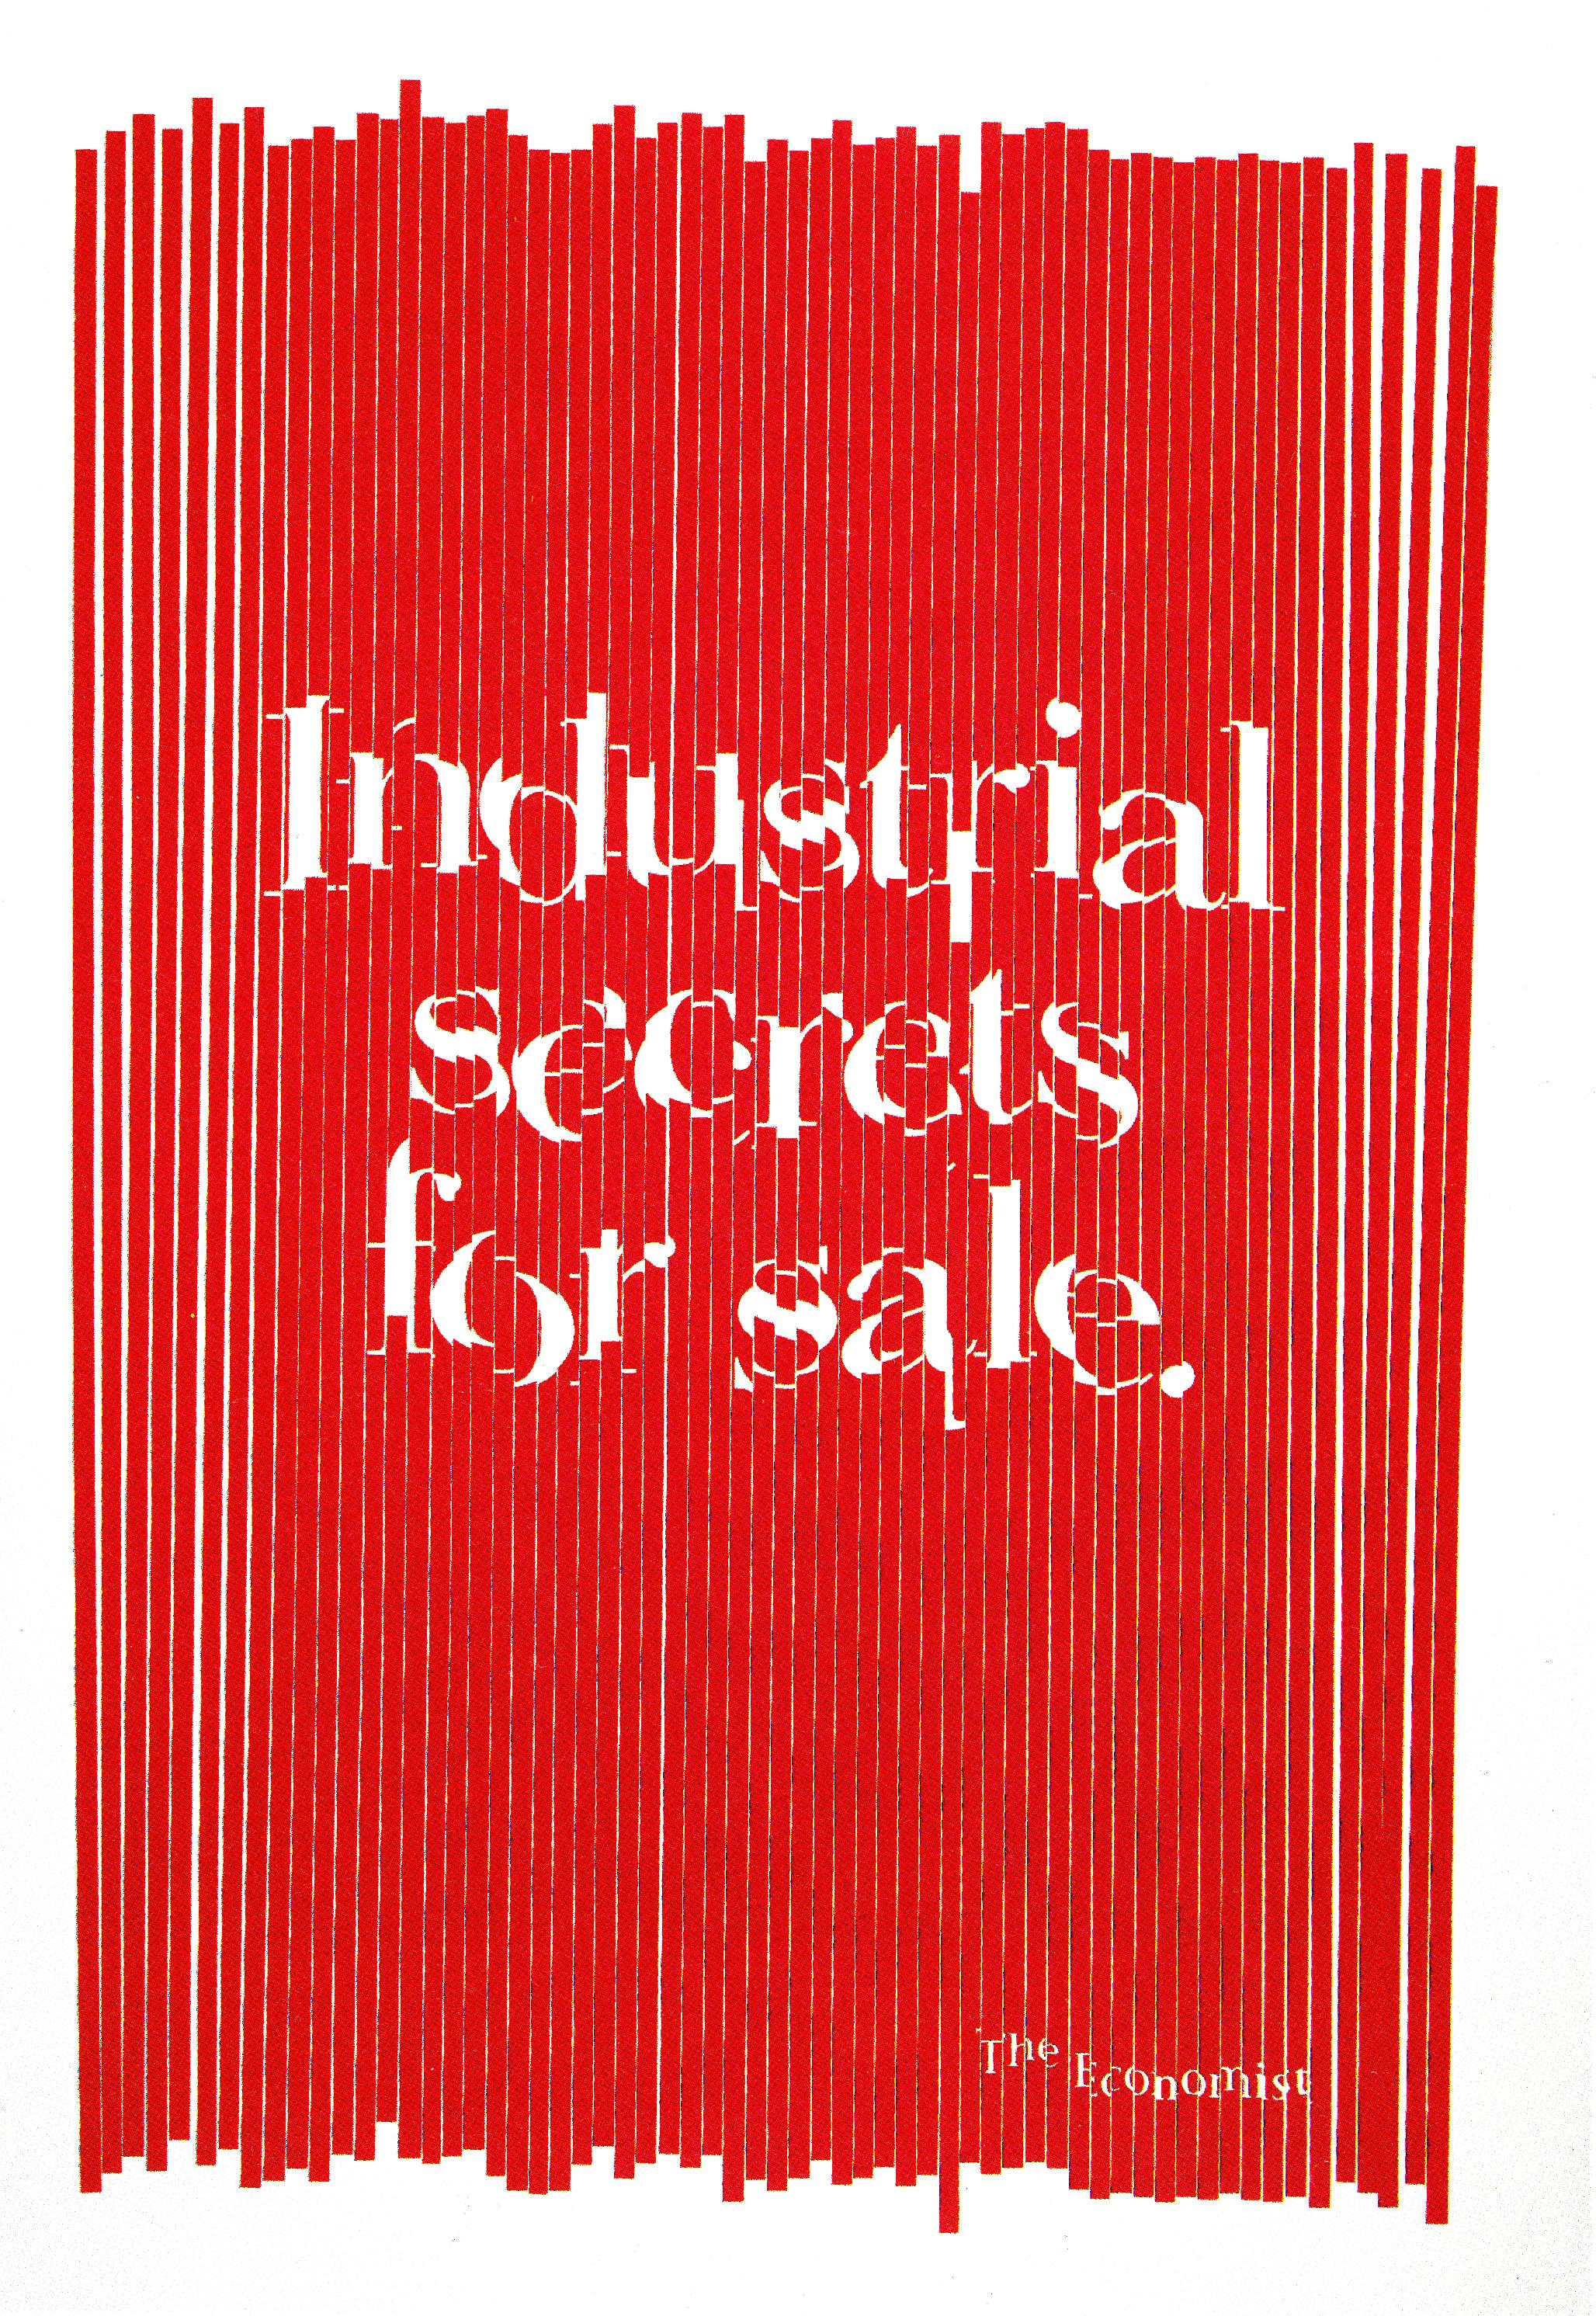 'Industrial Secrets' The Economist, Peter Souter, AMV*.jpg